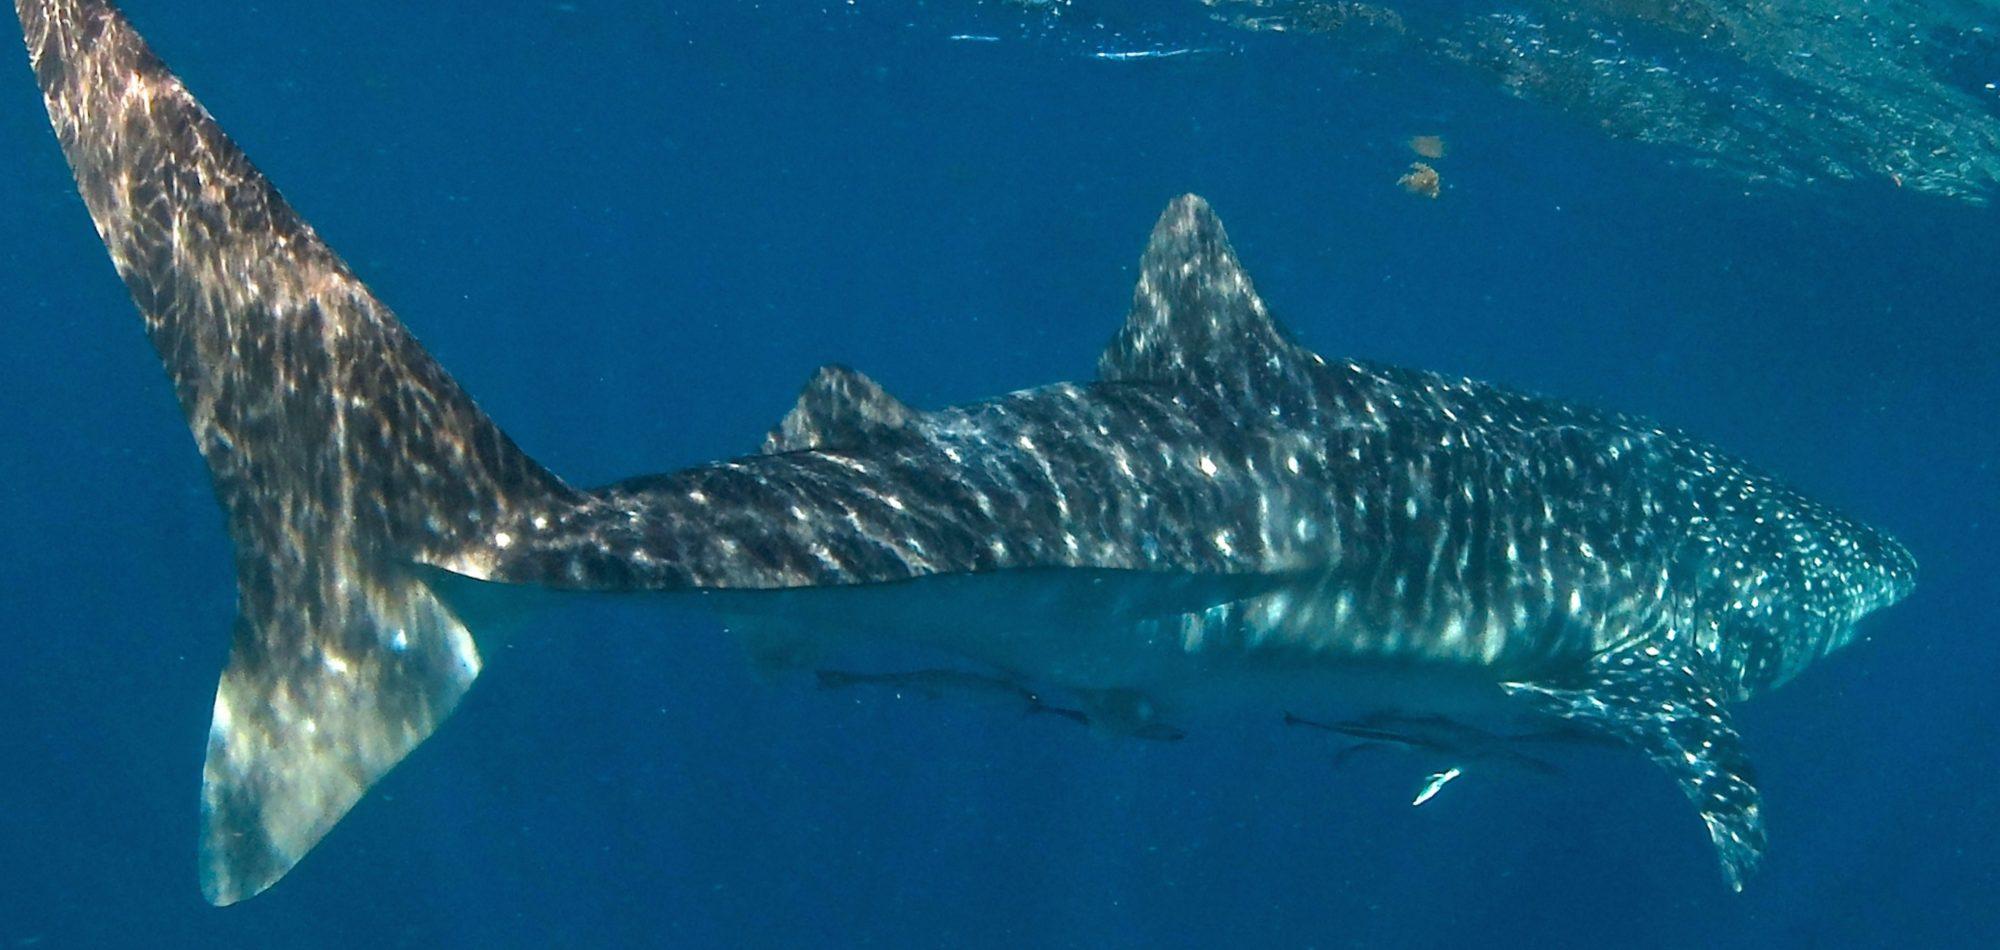 Ningaloo Reef - Whale Shark